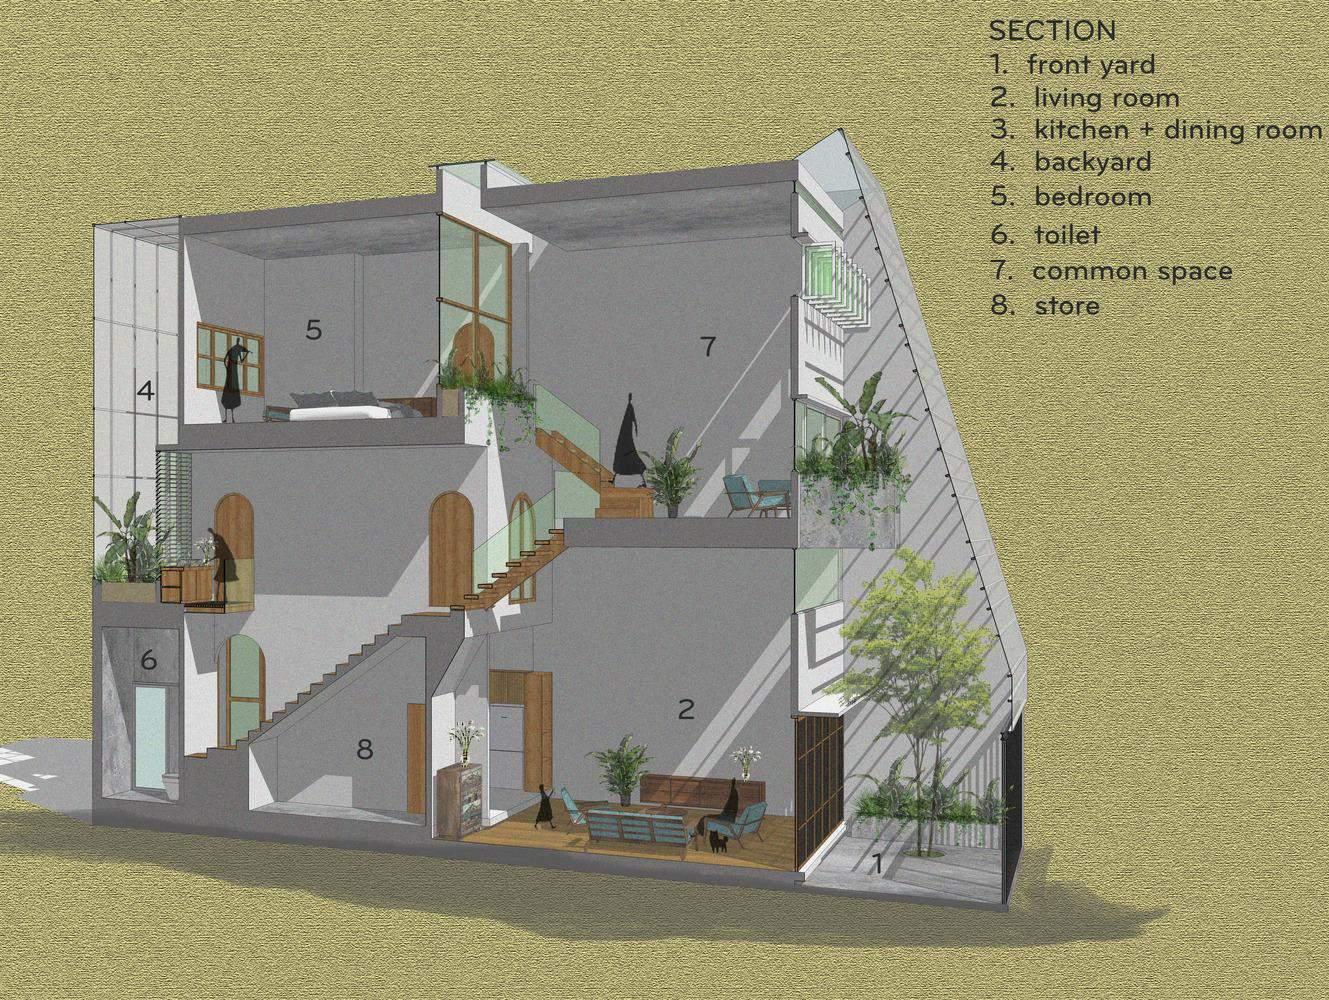 Bản vẽ các mặt cắt của ngôi nhà.